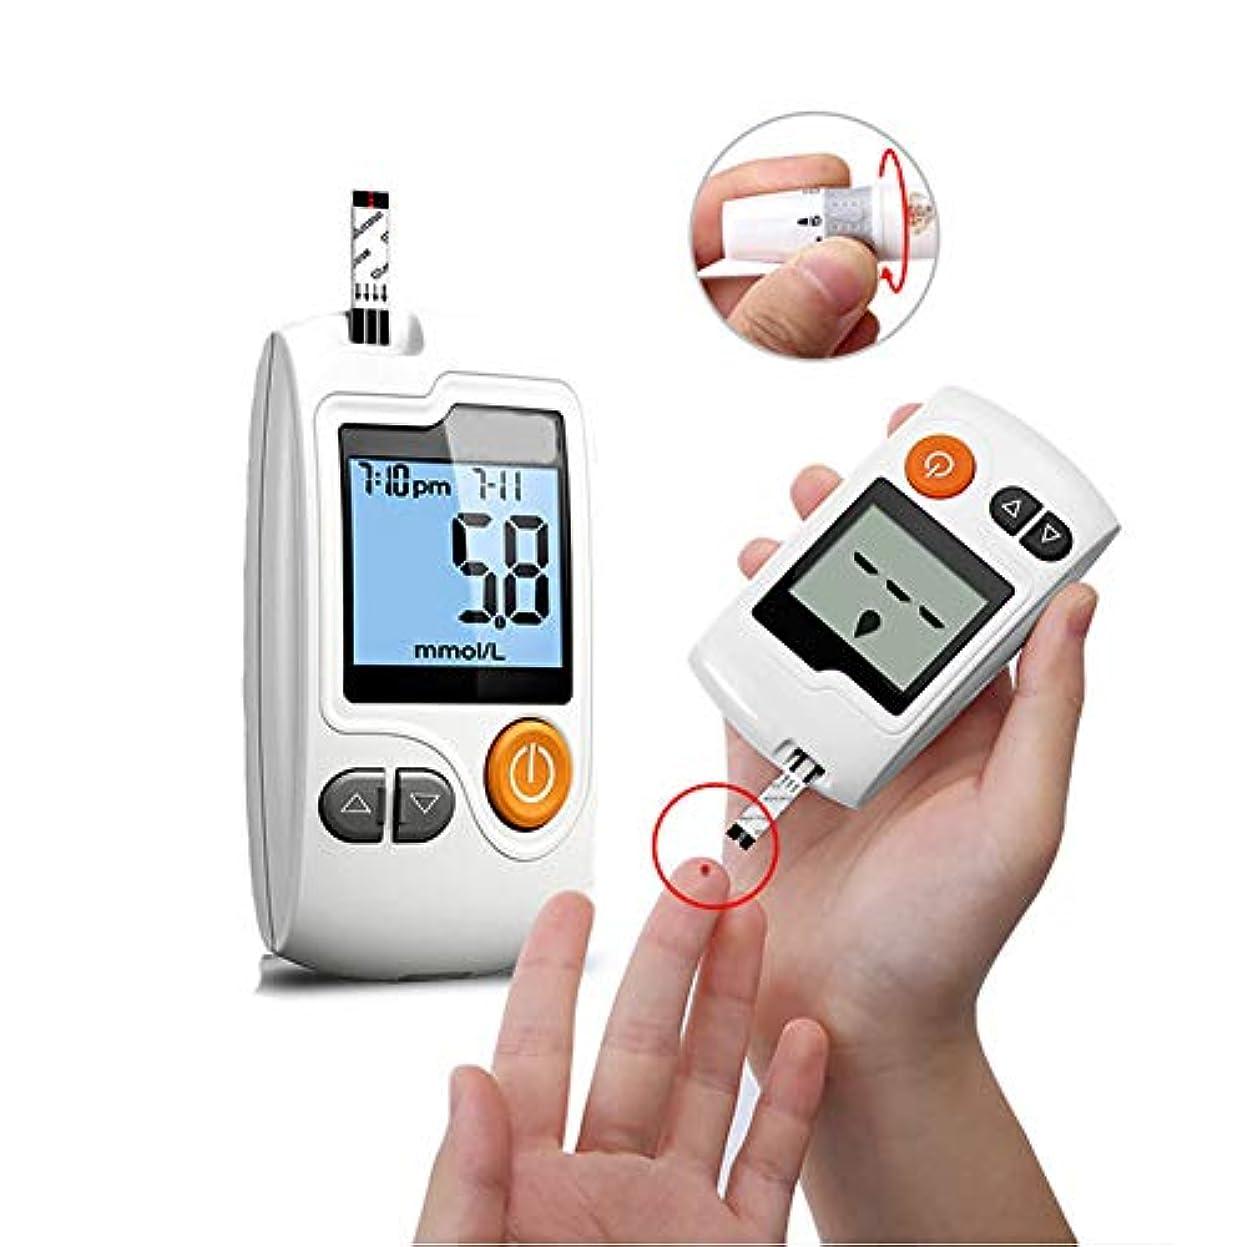 メリー継承収束する血糖テストキット血中ケトンと血中グルコーステスターあなたのケトンとグルコースレベルを監視します100試験紙100測定針